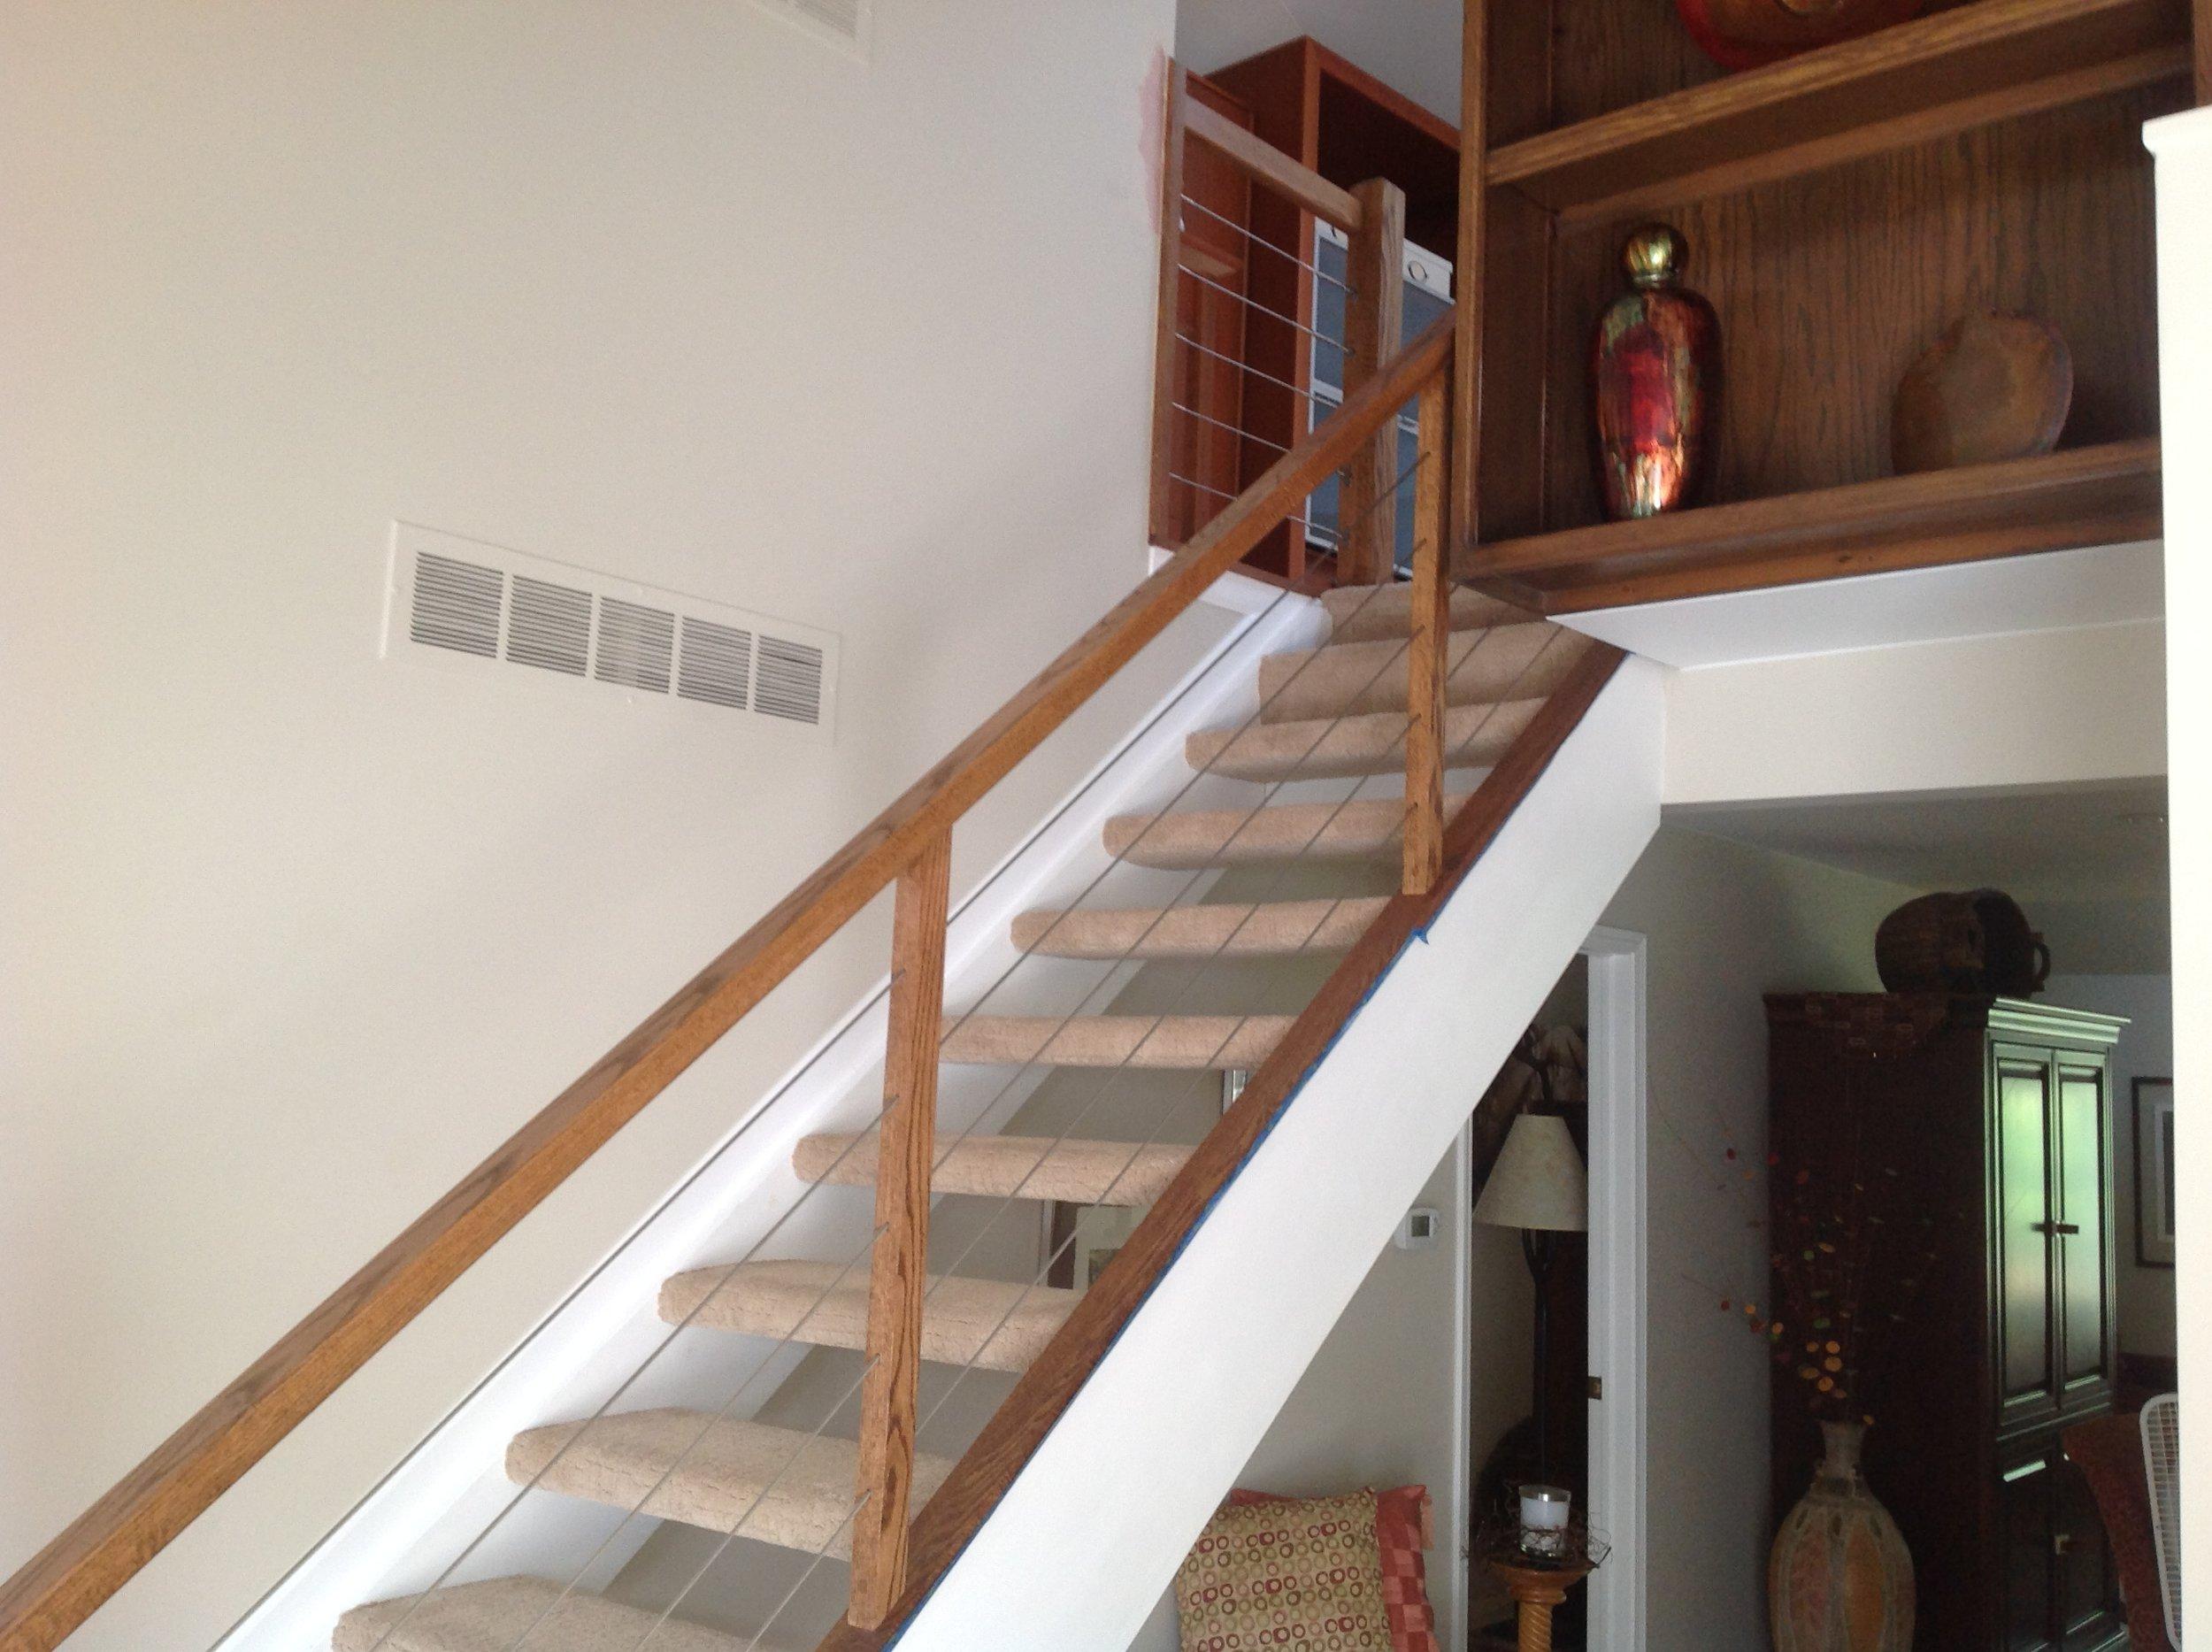 stair work 026.JPG